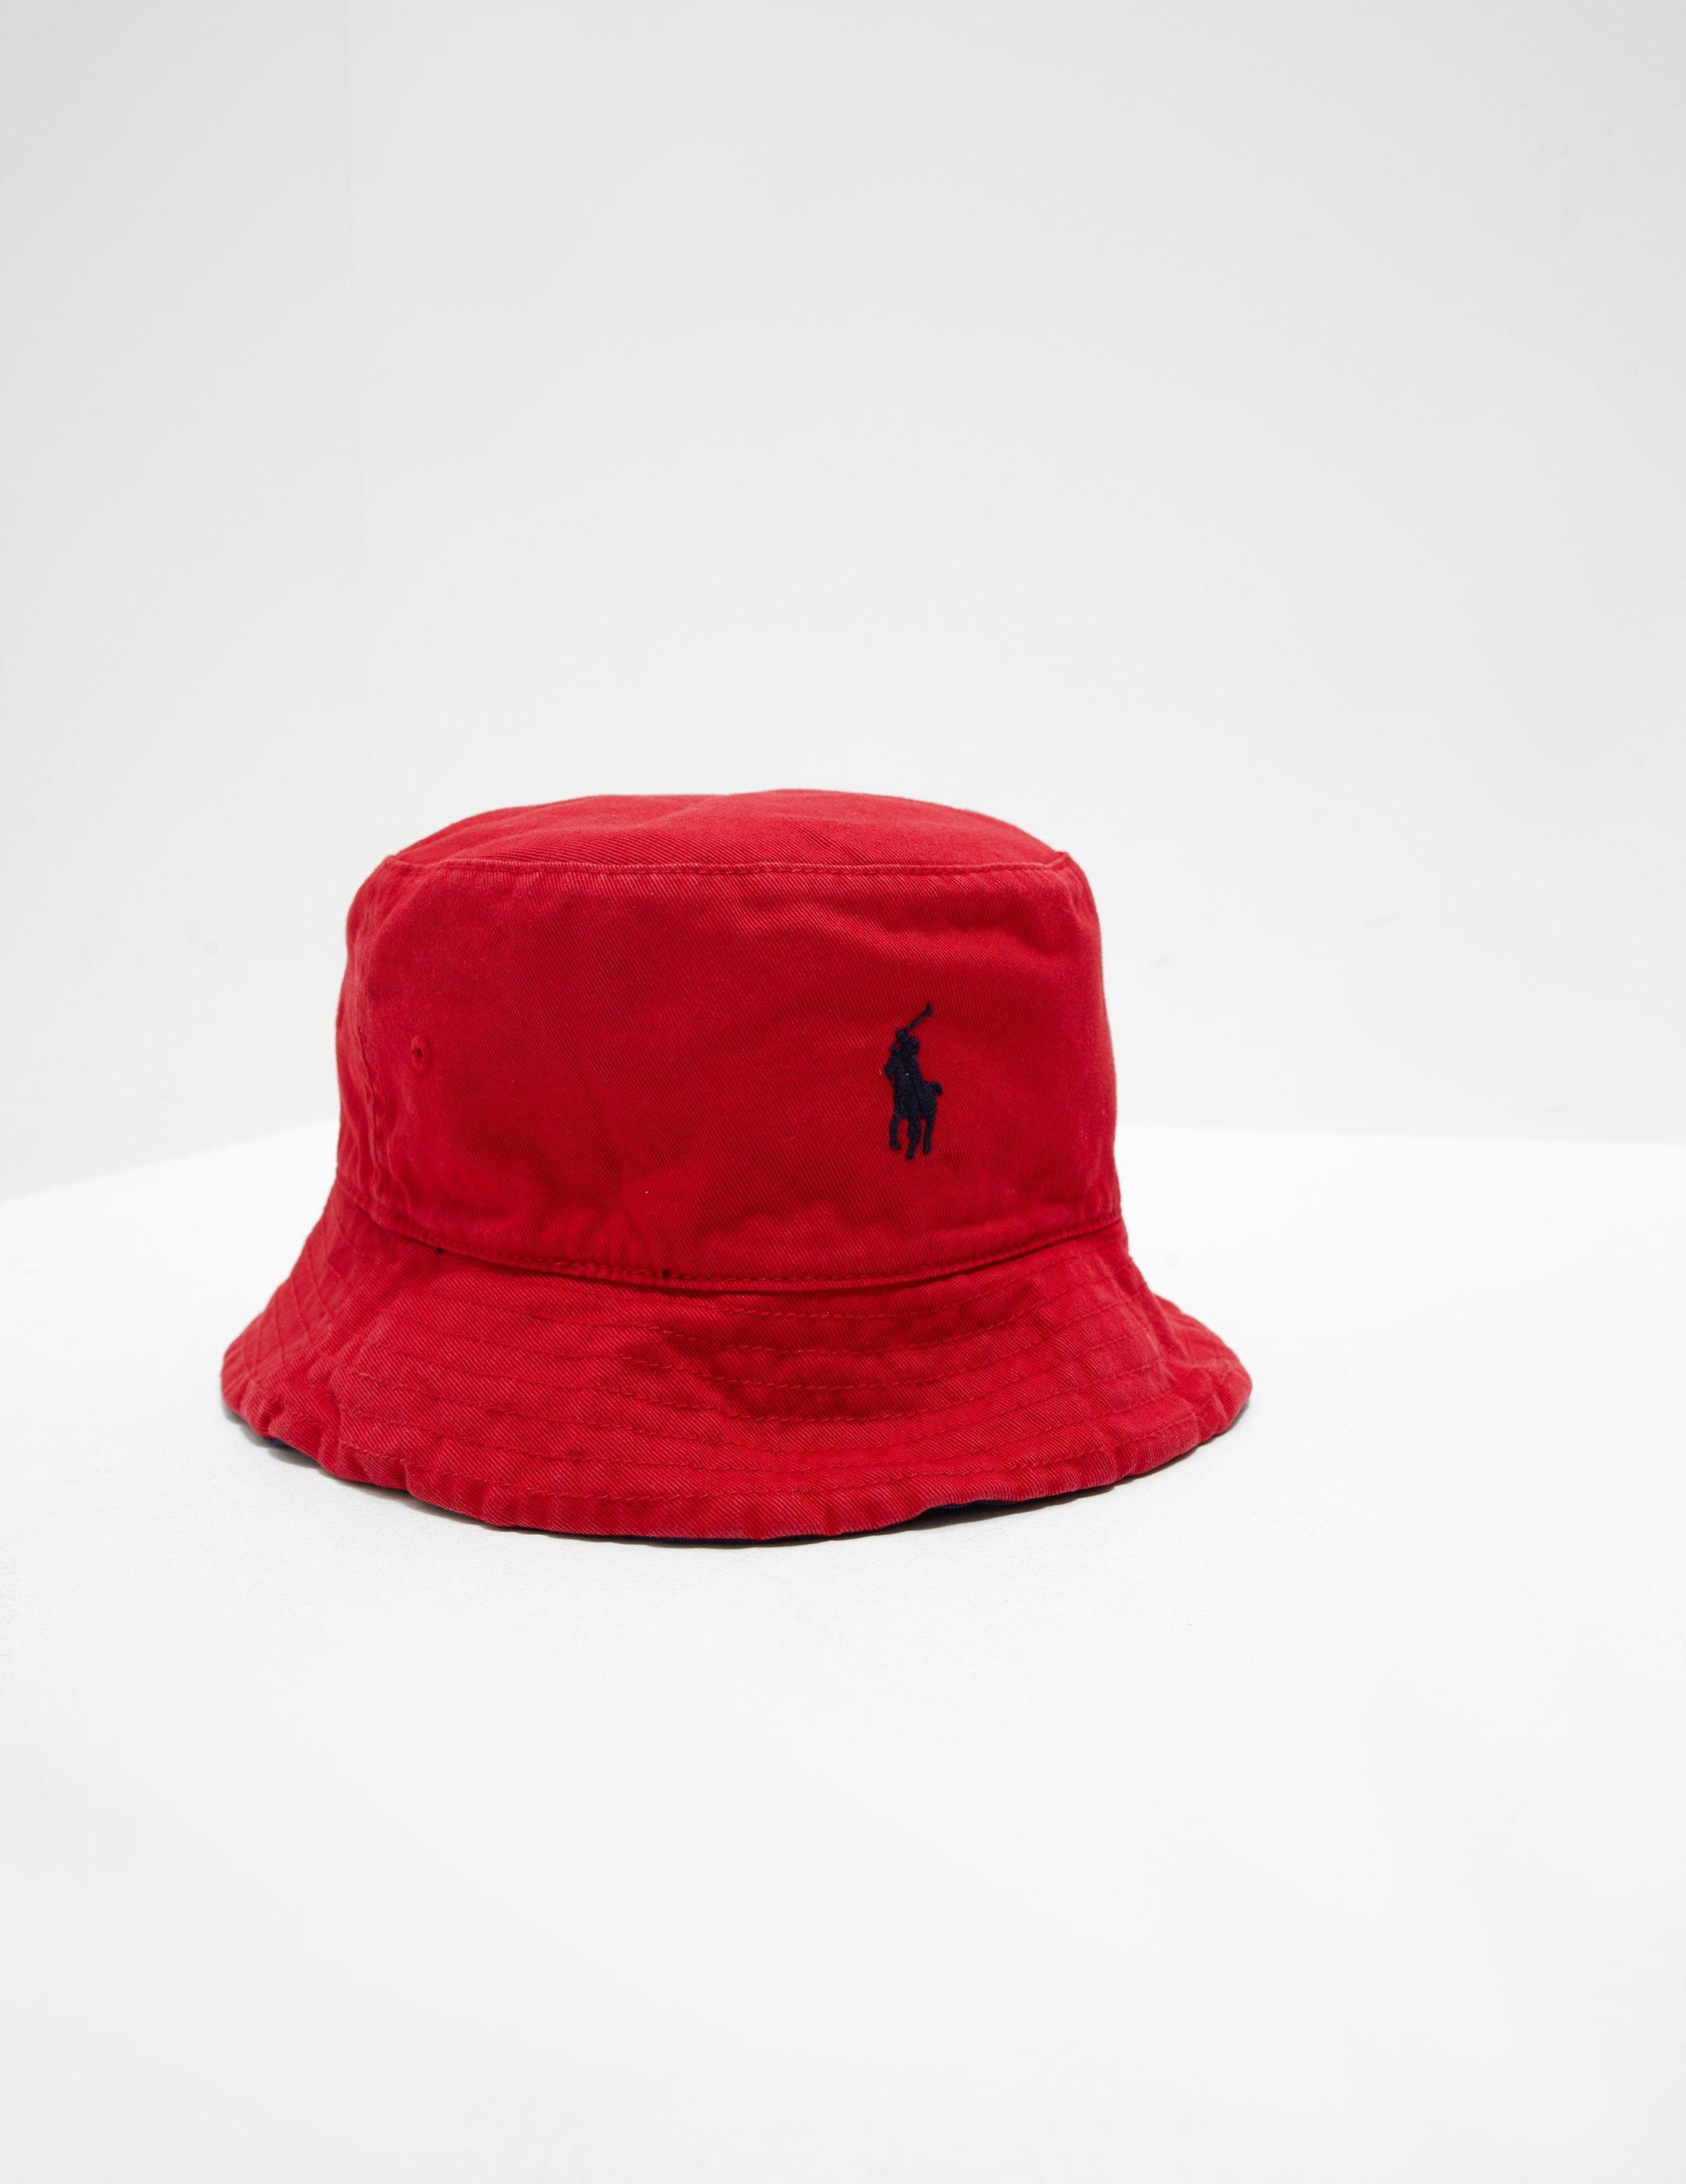 Lyst - Polo Ralph Lauren Mens Bear Bucket Hat - Online Exclusive ... 7a03a9b5d1f1